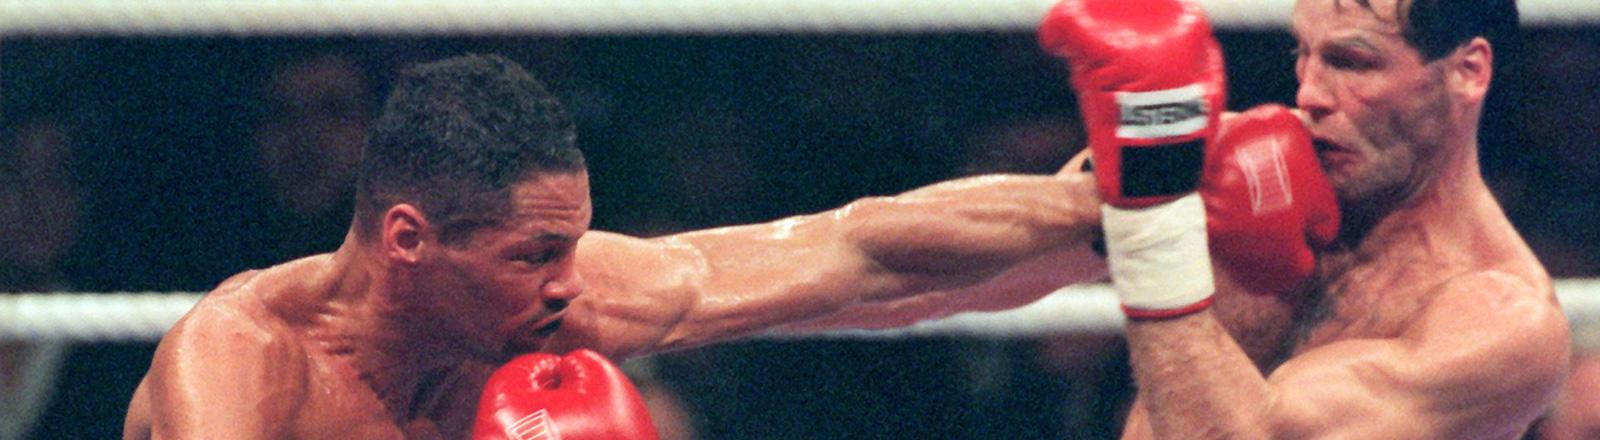 Henry Maske (rechts) und Virgil Hill (links) im Ring bei einem Boxkampf 1996. Hill schlägt mit einer linken Gerade durch die Deckung von Maske; Bild: dpa